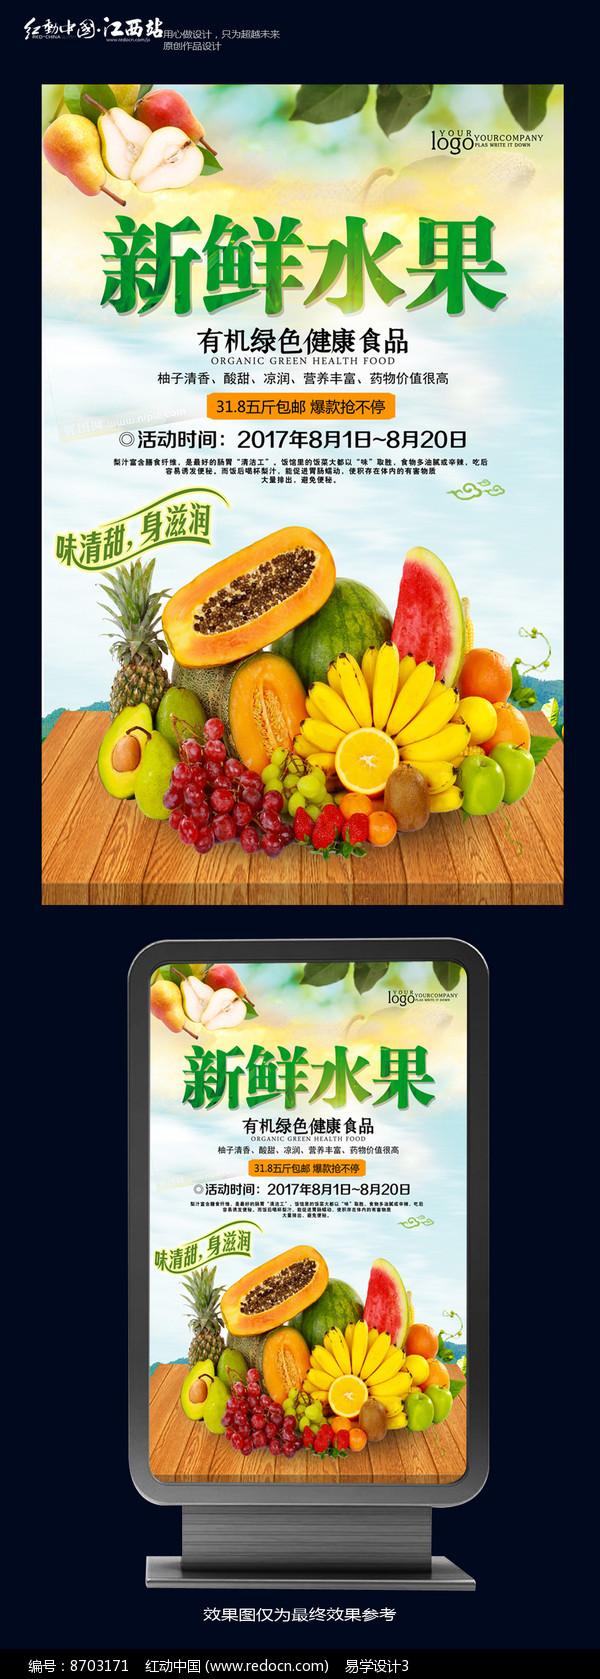 清新新鲜水果海报设计图片